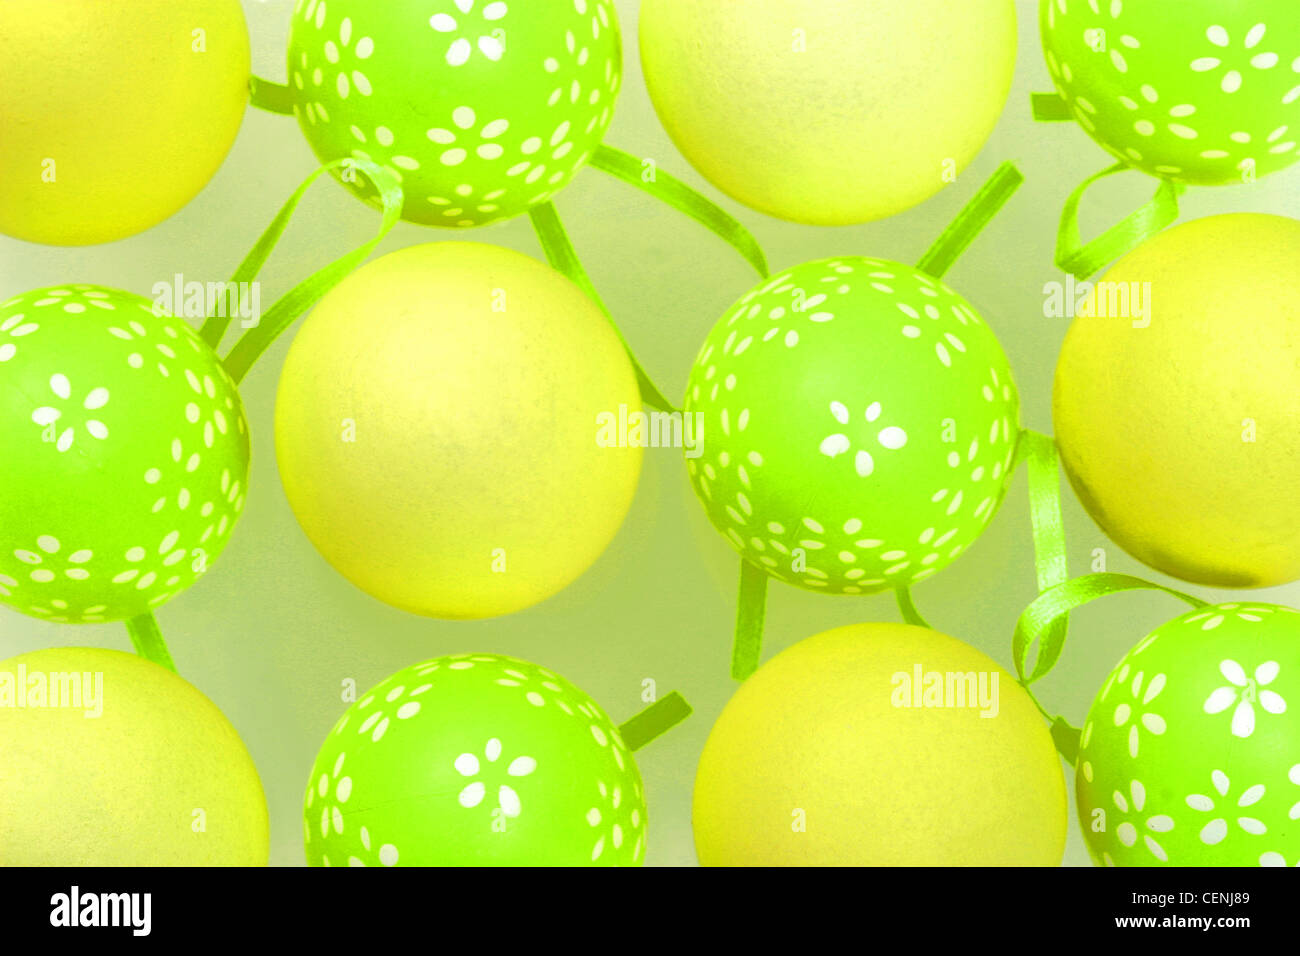 Eiern malte grünen Eiern weißen Blumenmuster, arrangiert abwechselnd blass gelben Eiern grüne Bänder Stockbild